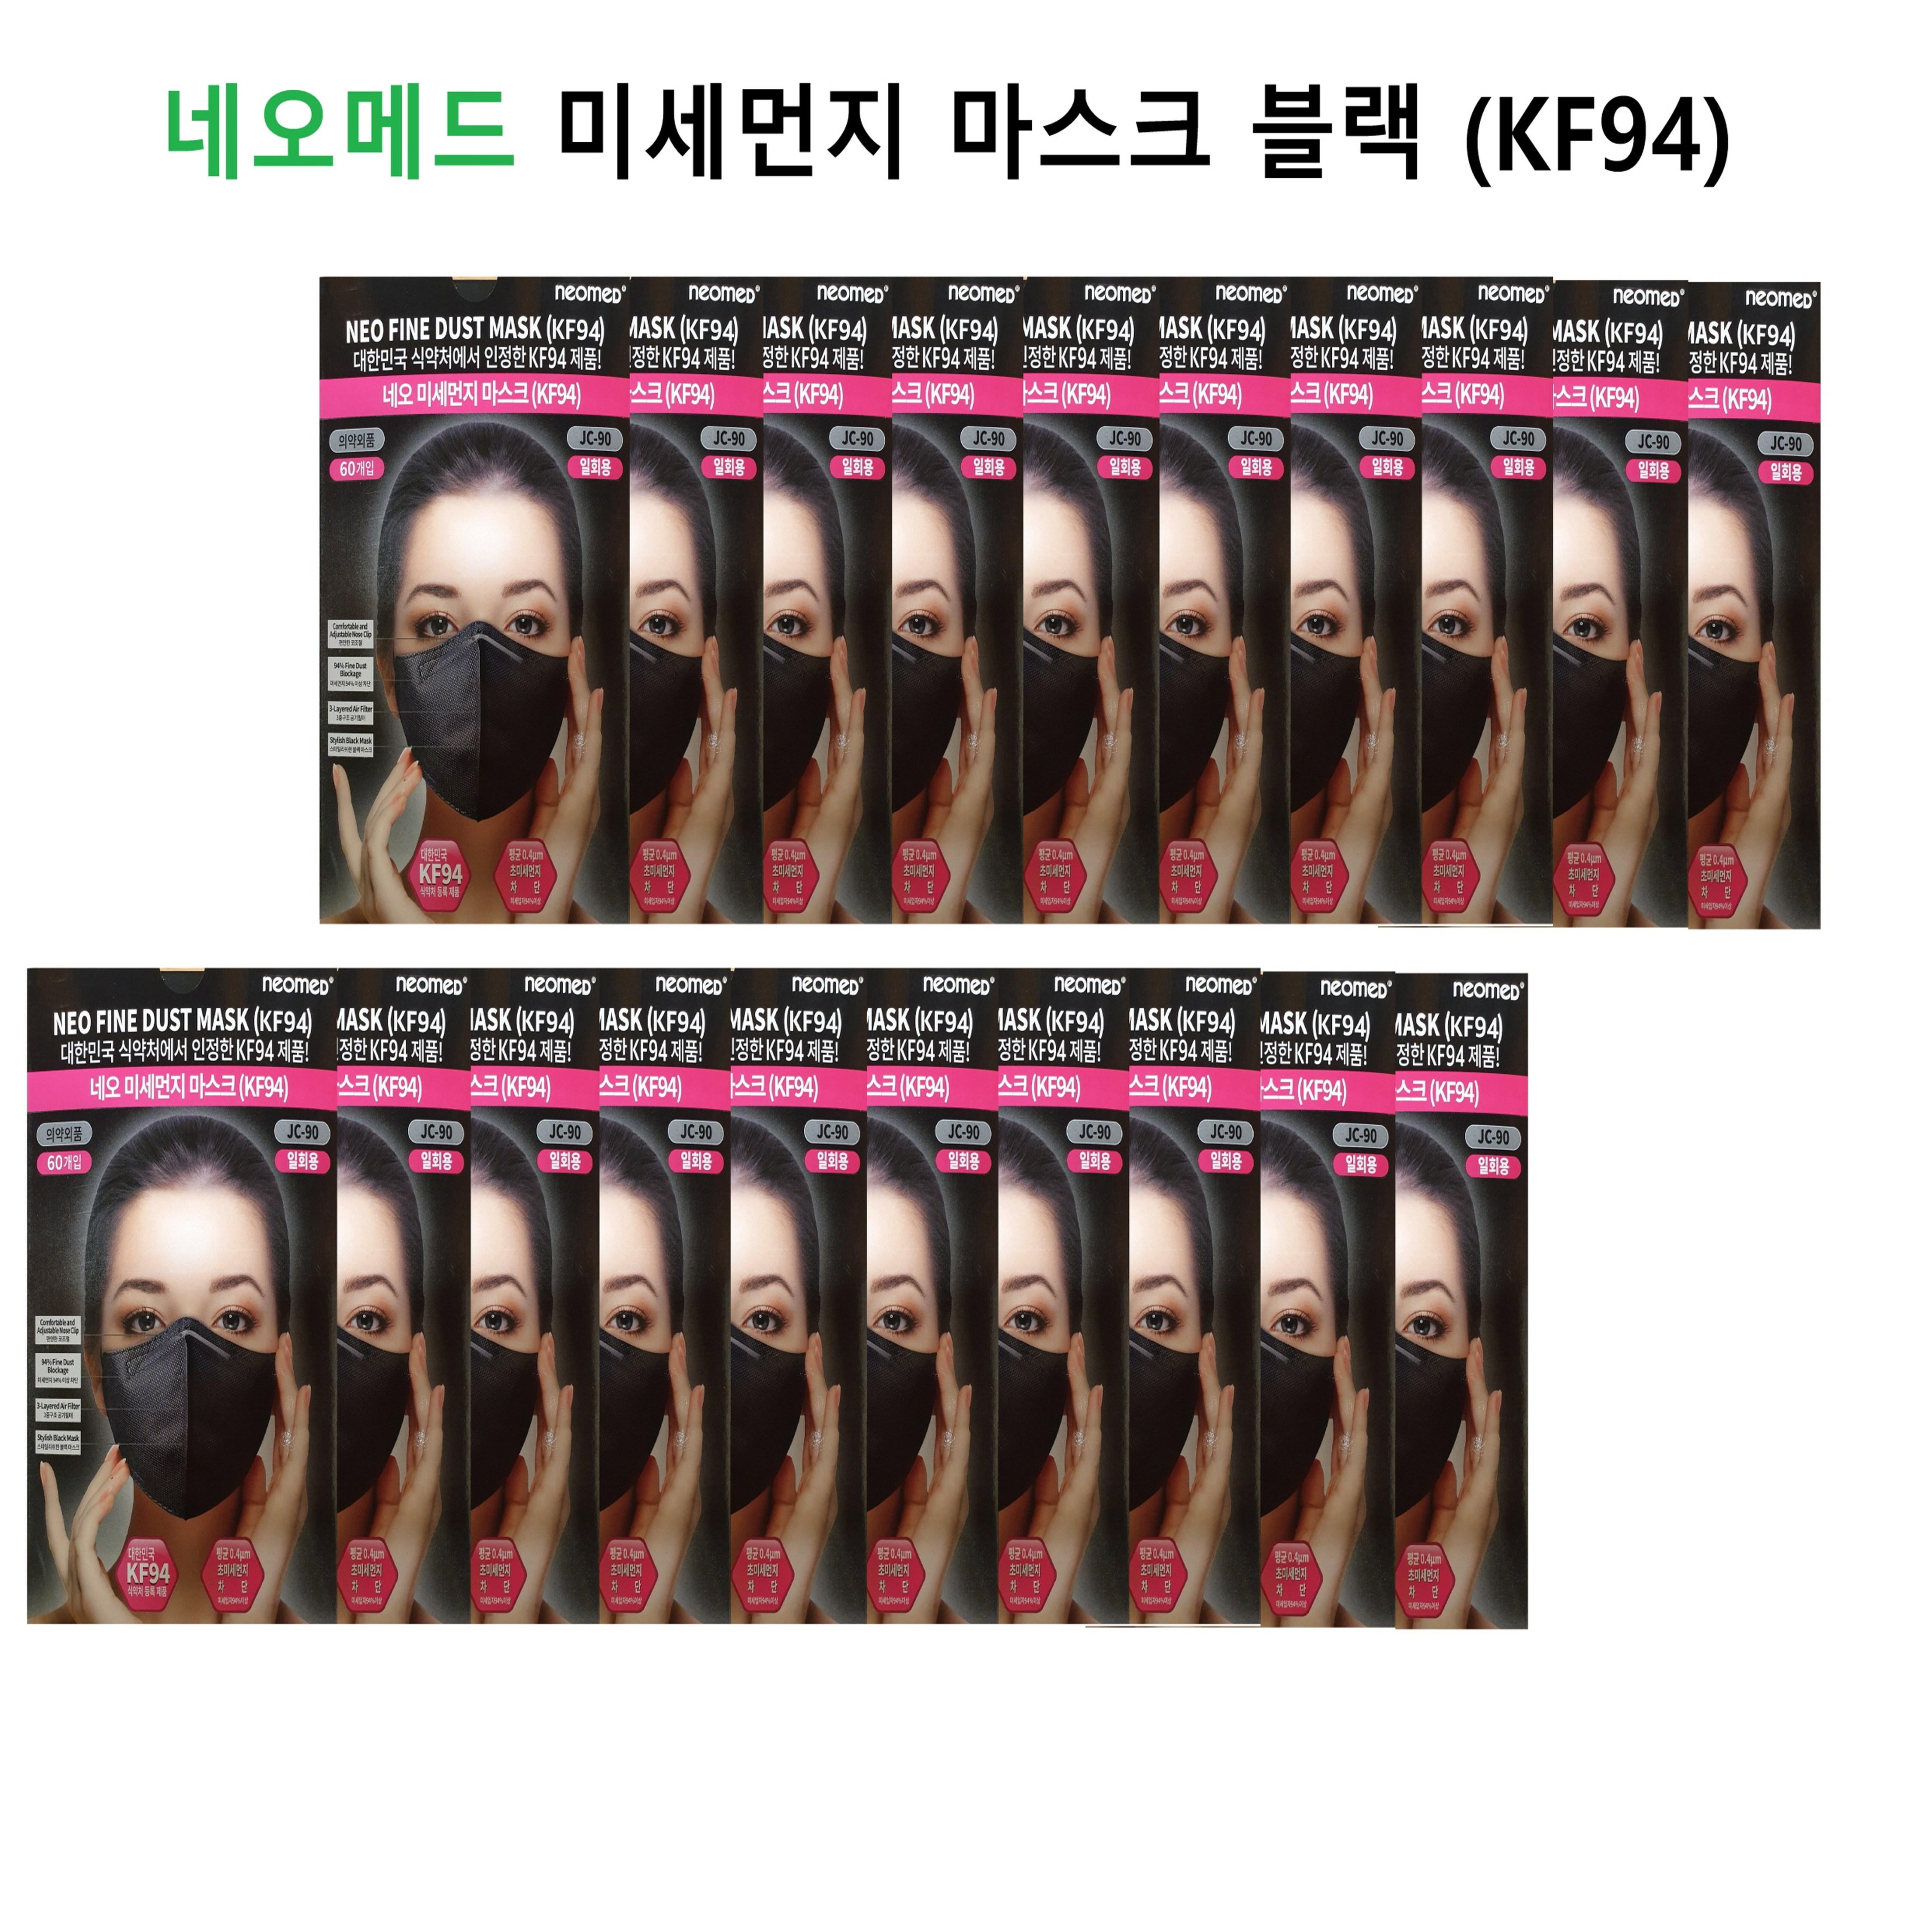 네오메드 미세먼지 새부리형 마스크(KF94)대형 블랙 1매입 20장, 1개, 20매